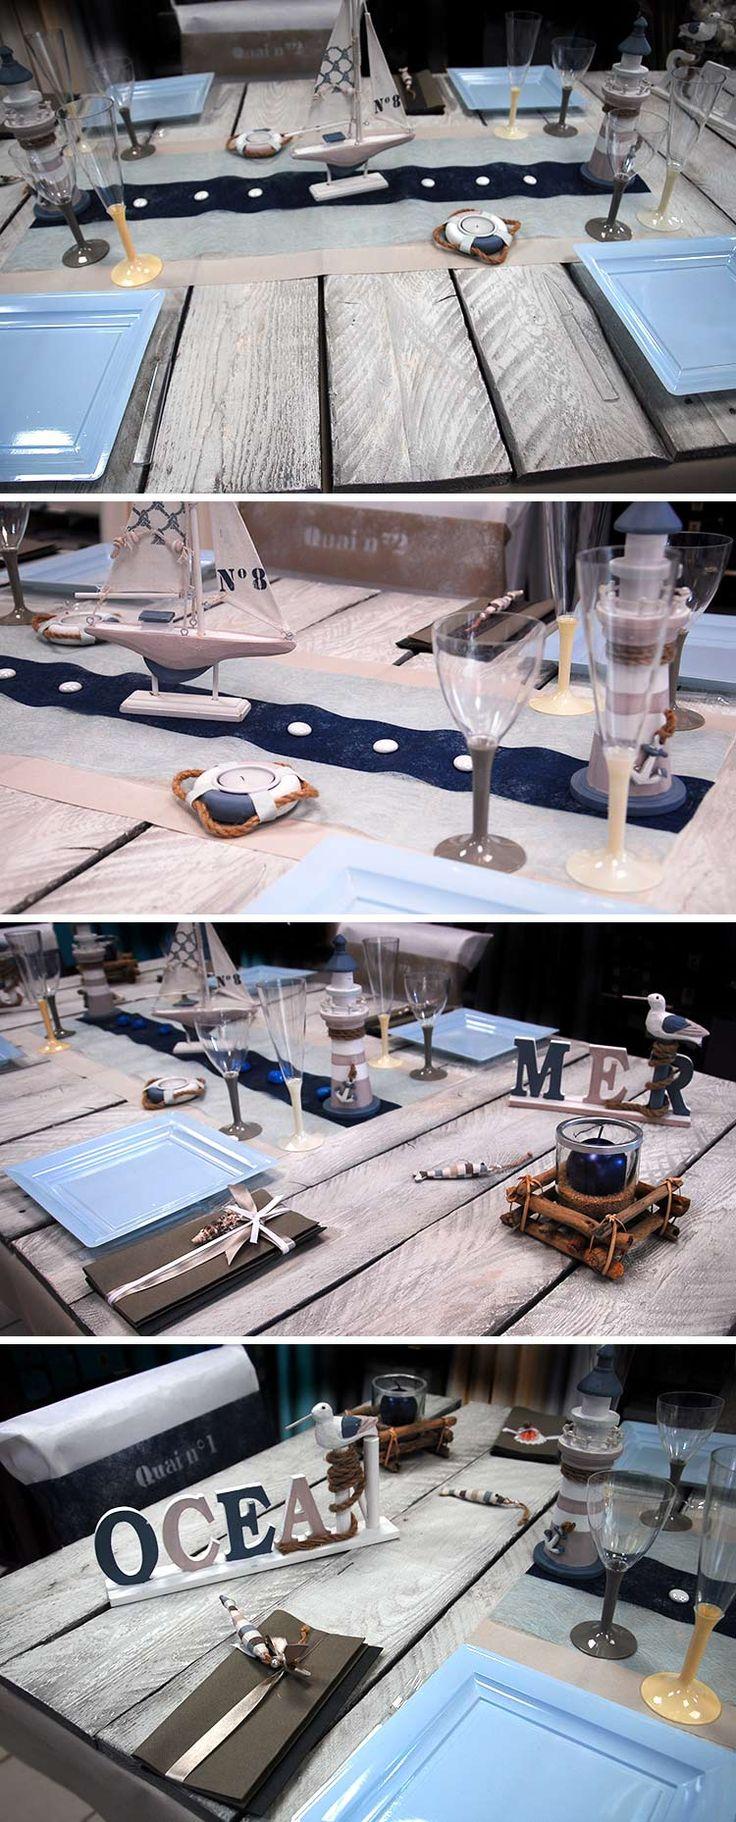 D coration de table de la mer pour un anniversaire sur le th me de la mer a - Decoration table mer ...